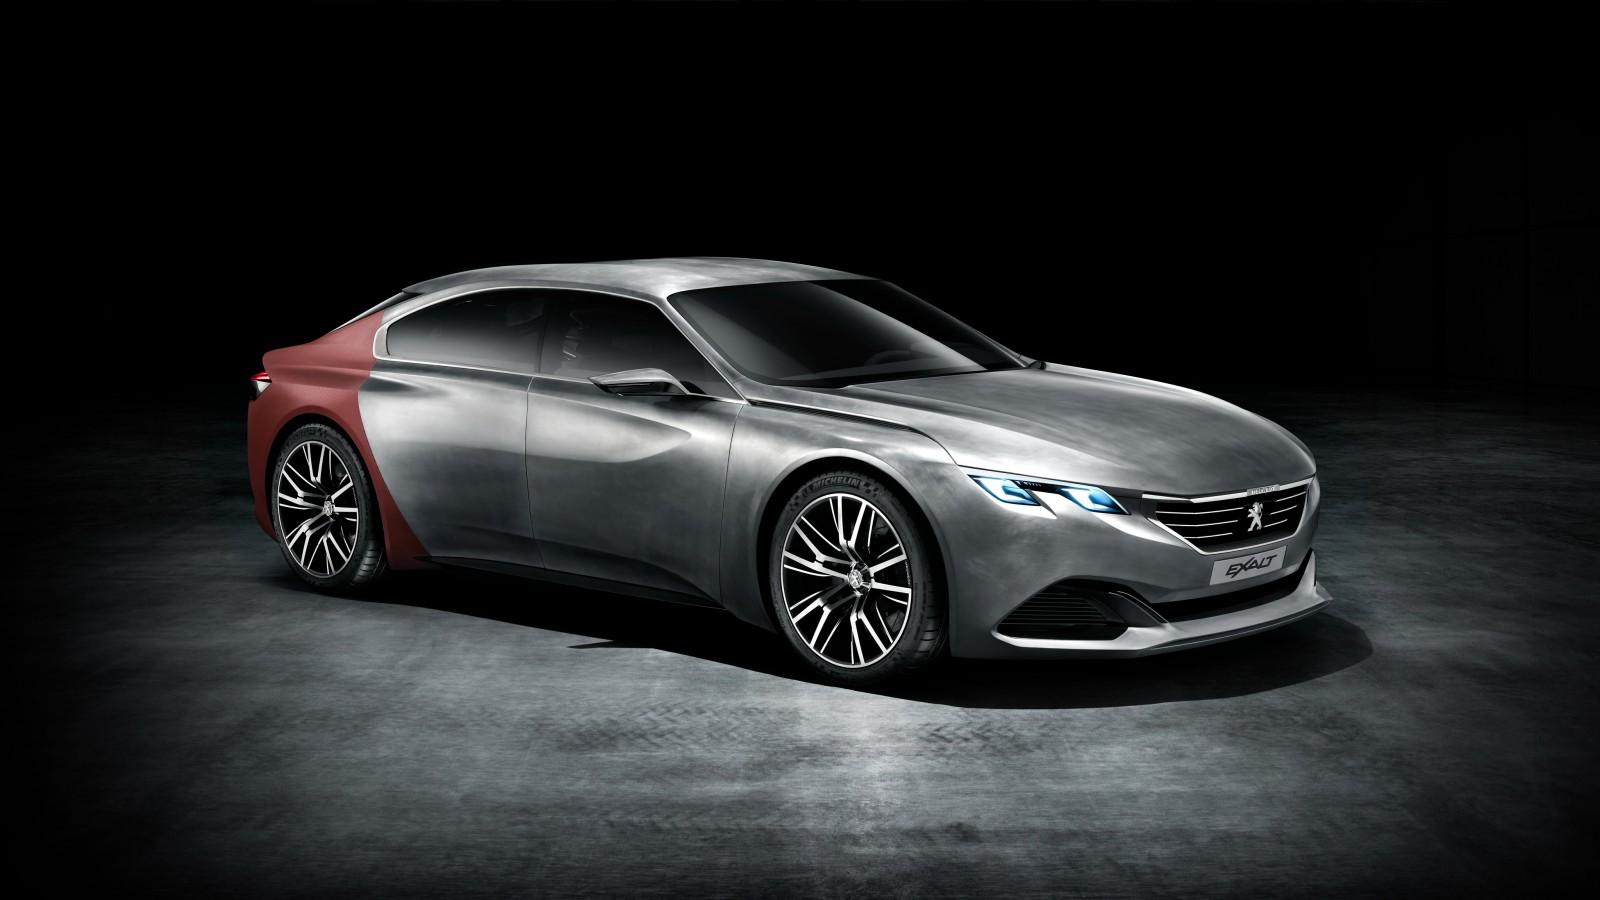 Peugeot Exalt Concept 4K Wallpaper